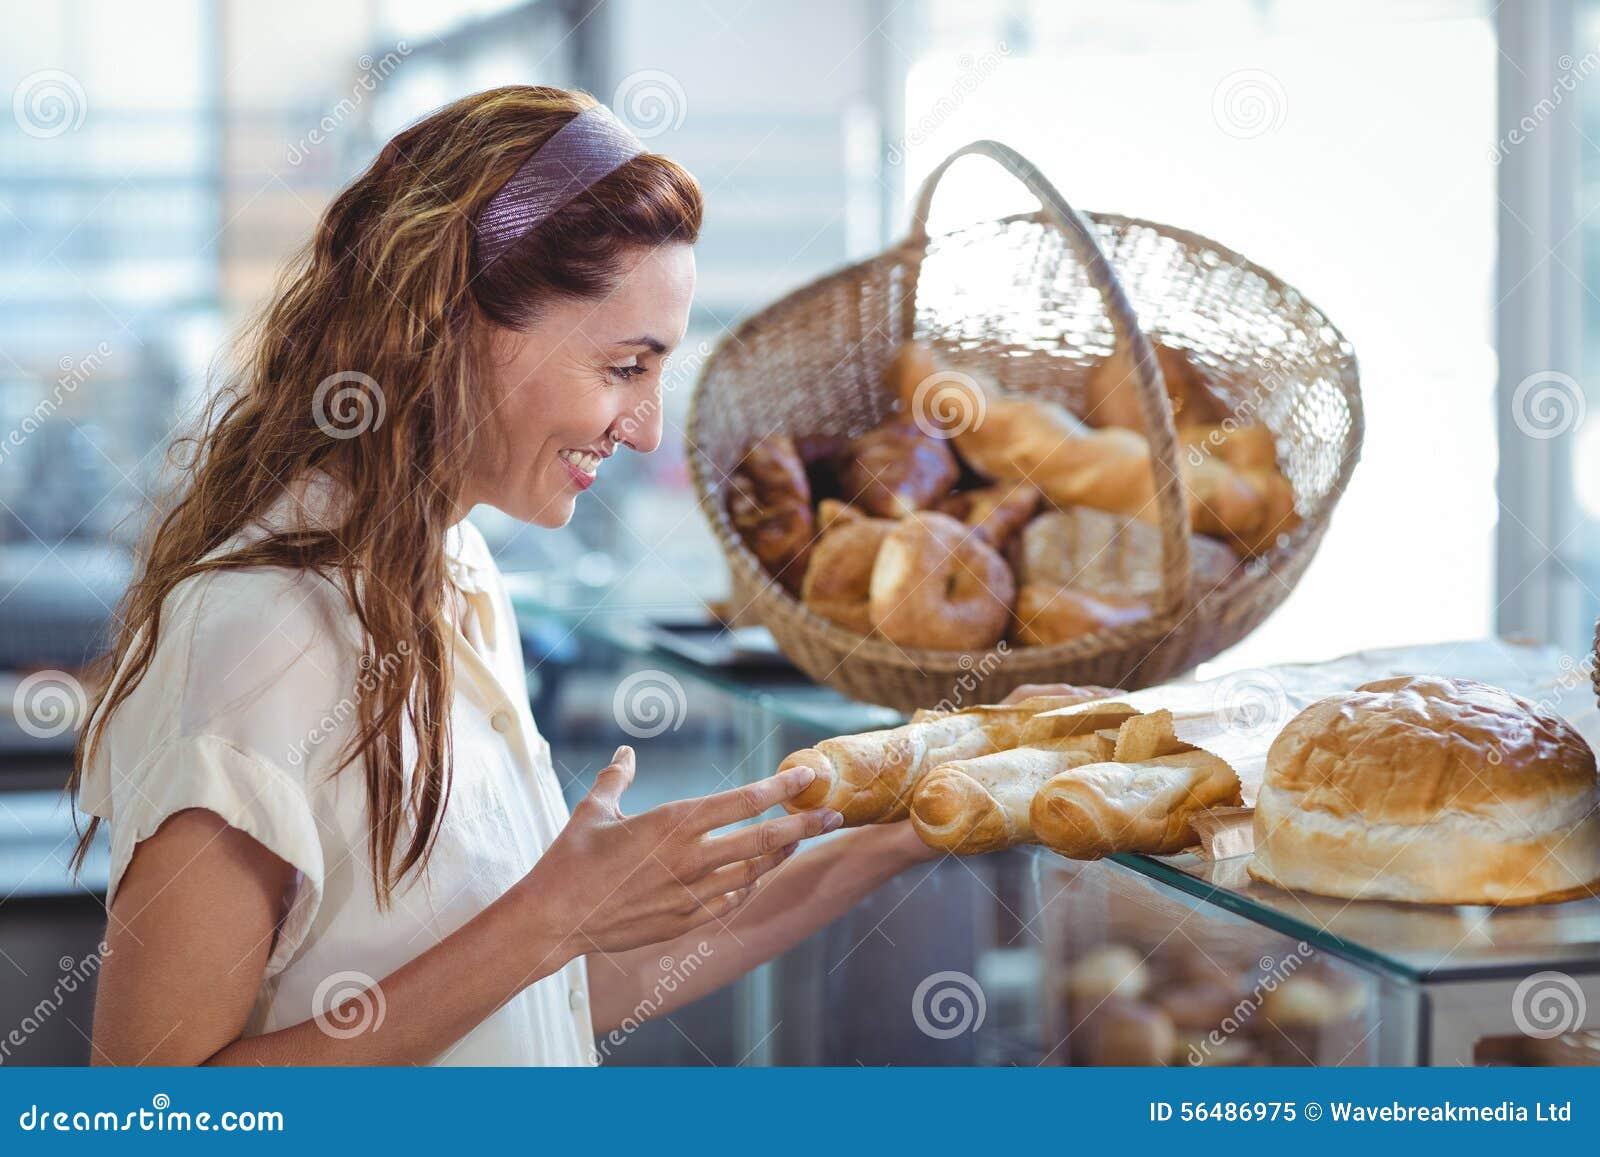 Jolie brune se dirigeant à la miche de pain